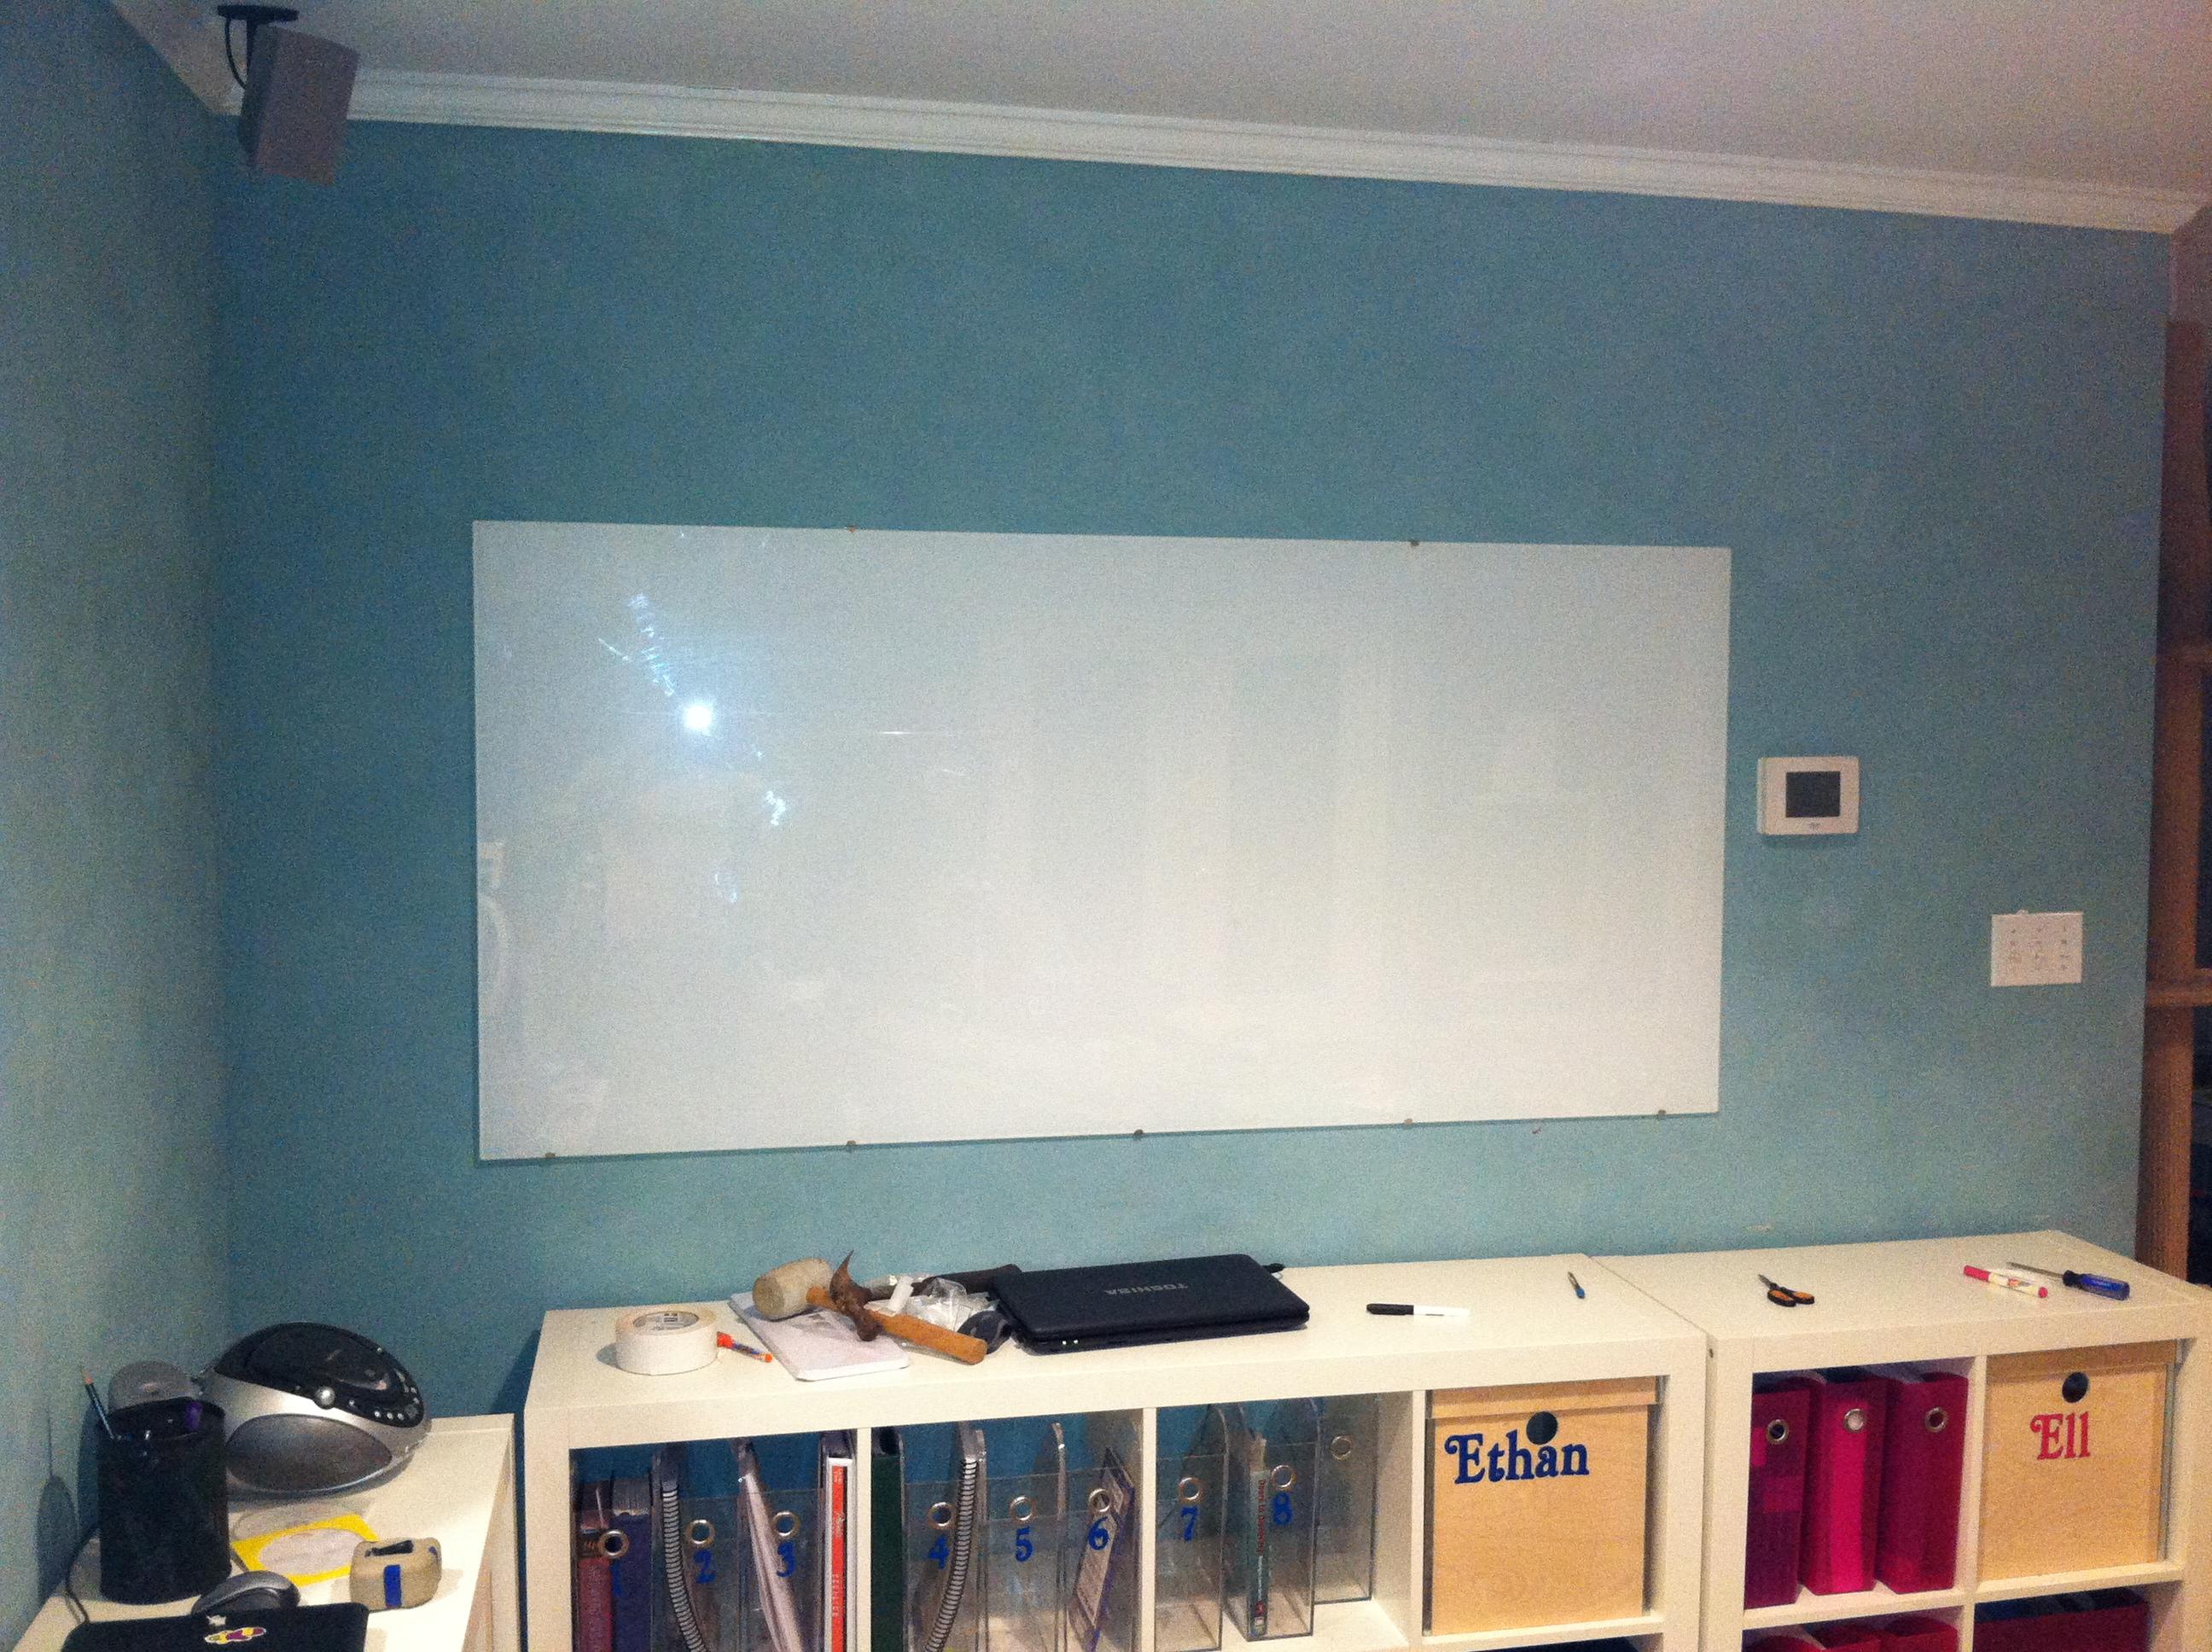 Whiteboard finished!